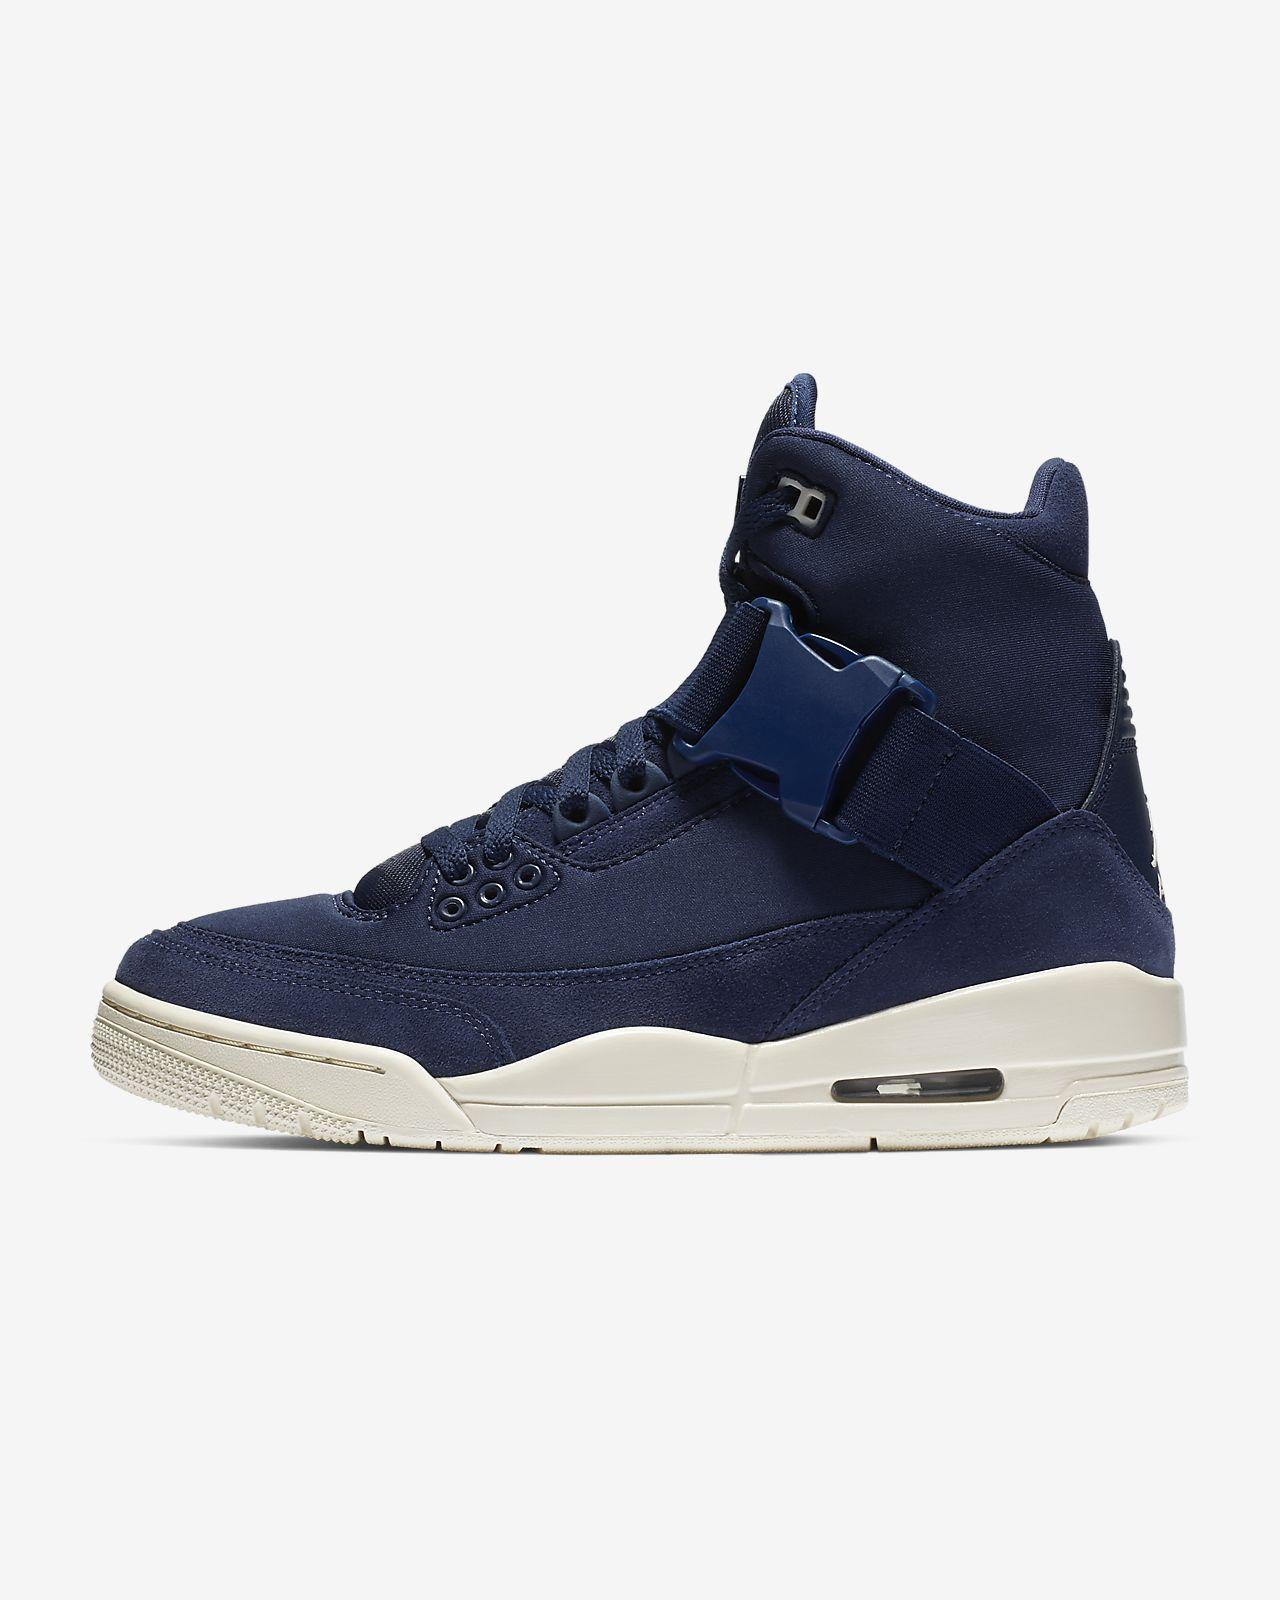 sale retailer 168a2 1f20e Chaussure Air Jordan 3 Retro Explorer XX pour Femme  clubboxingday   boxingday  boxi  rabais  shopping  soldes  vetements  fashion  mode   chaussure ...